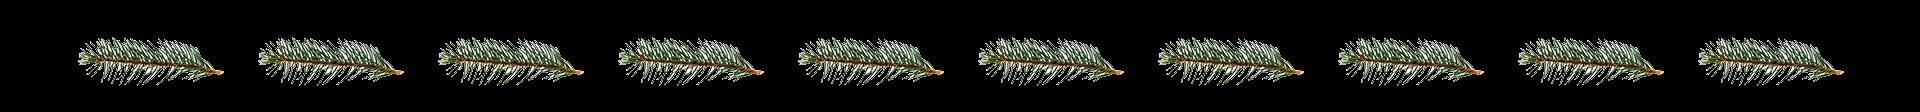 red spruce leaf